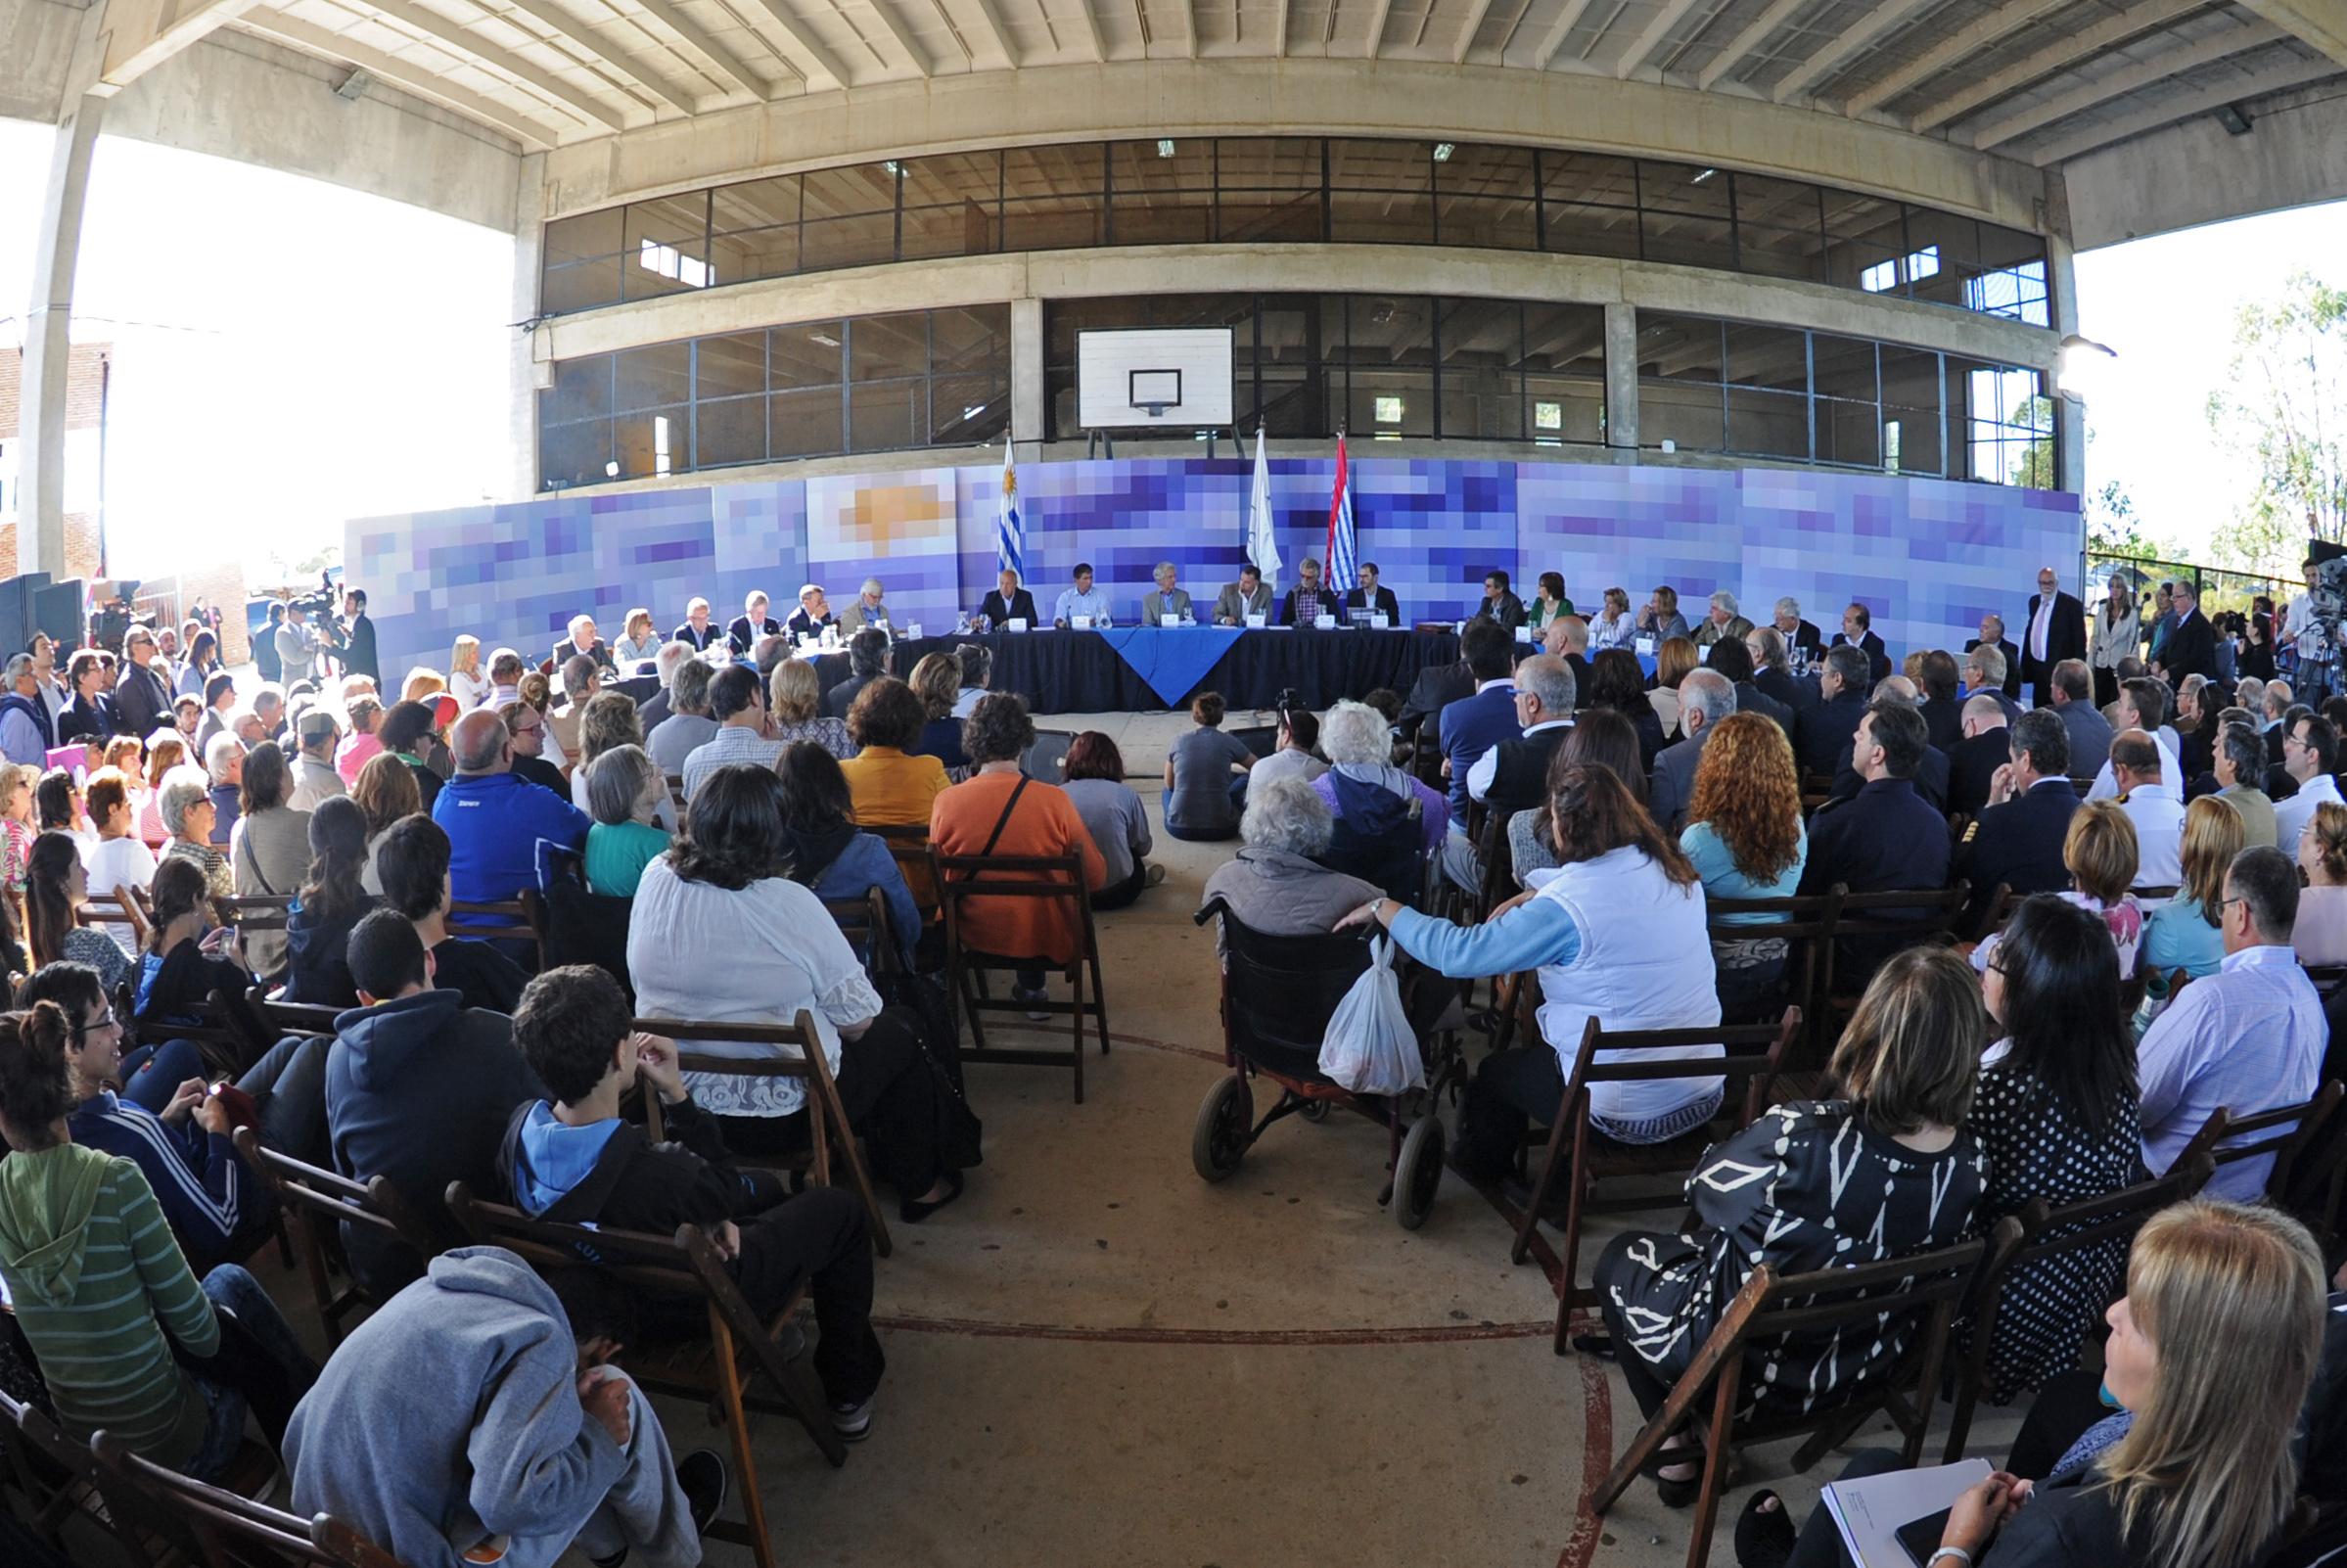 Consejo de ministros abierto en gimnasio del liceo de san for Gimnasio abierto